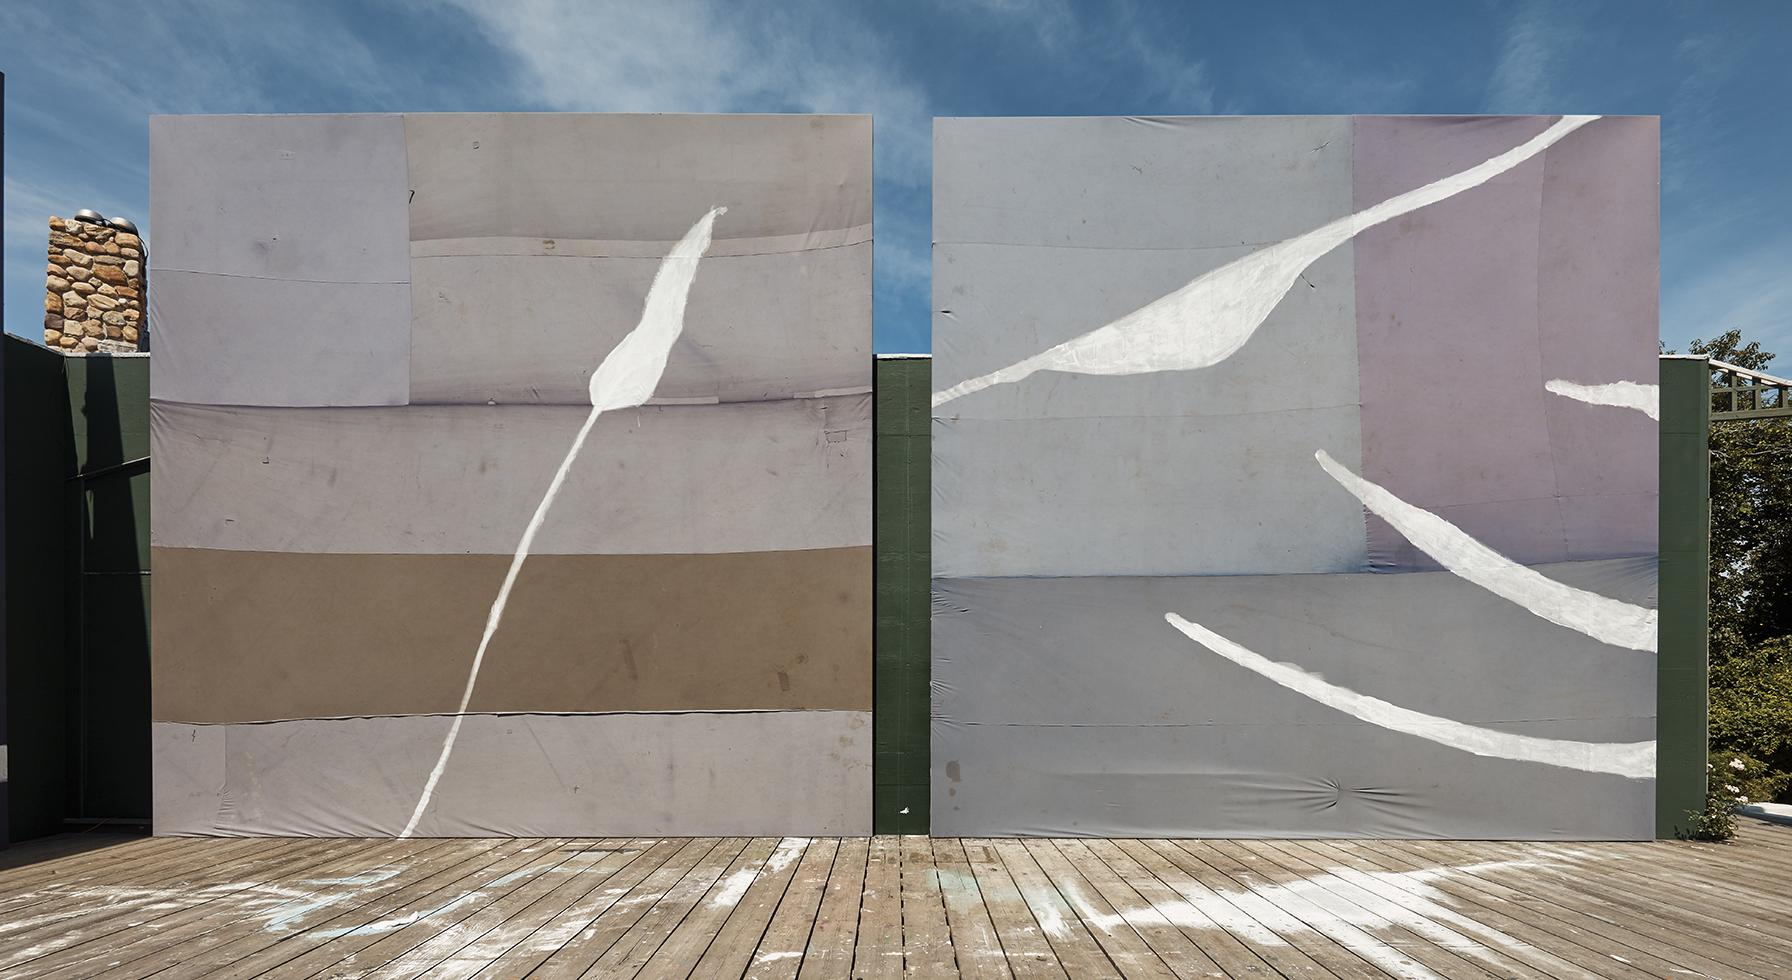 Julian Schnabel's Studio